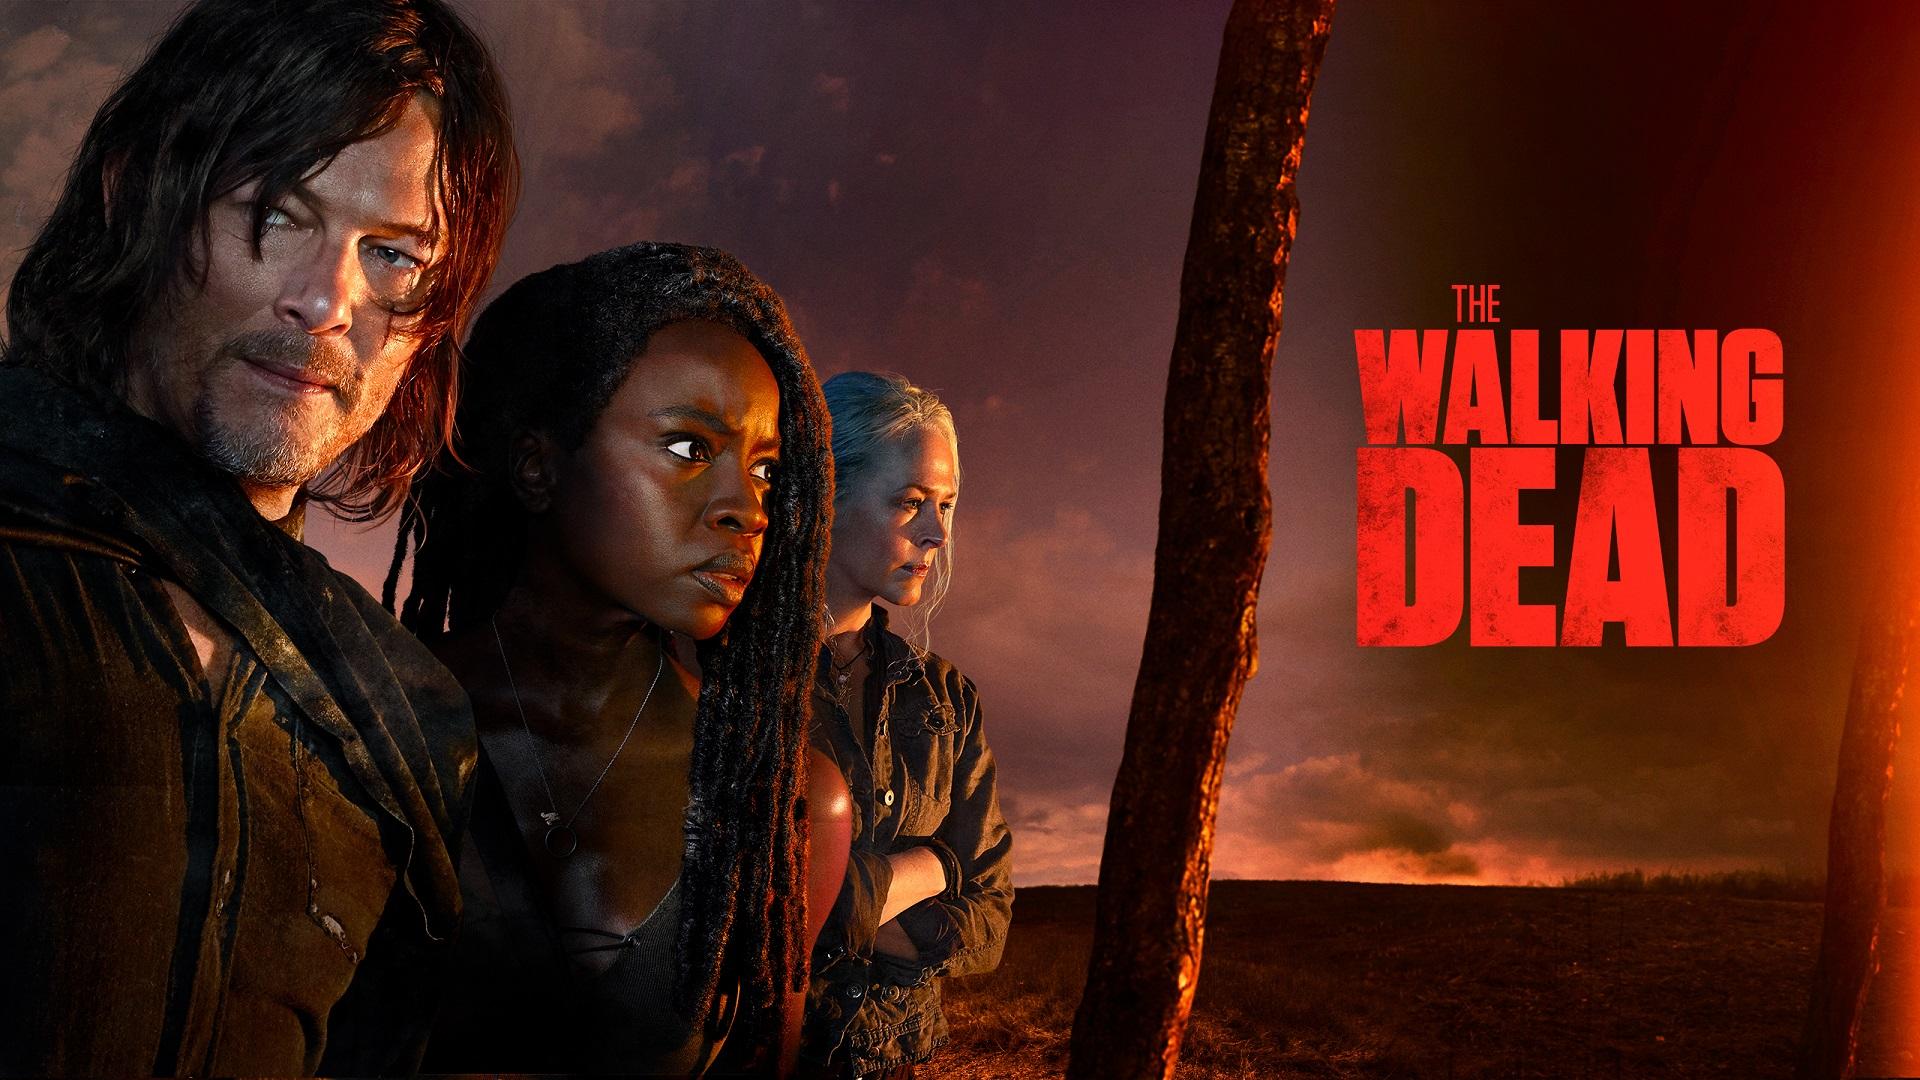 Season finale tenth season The Walking Dead delayed